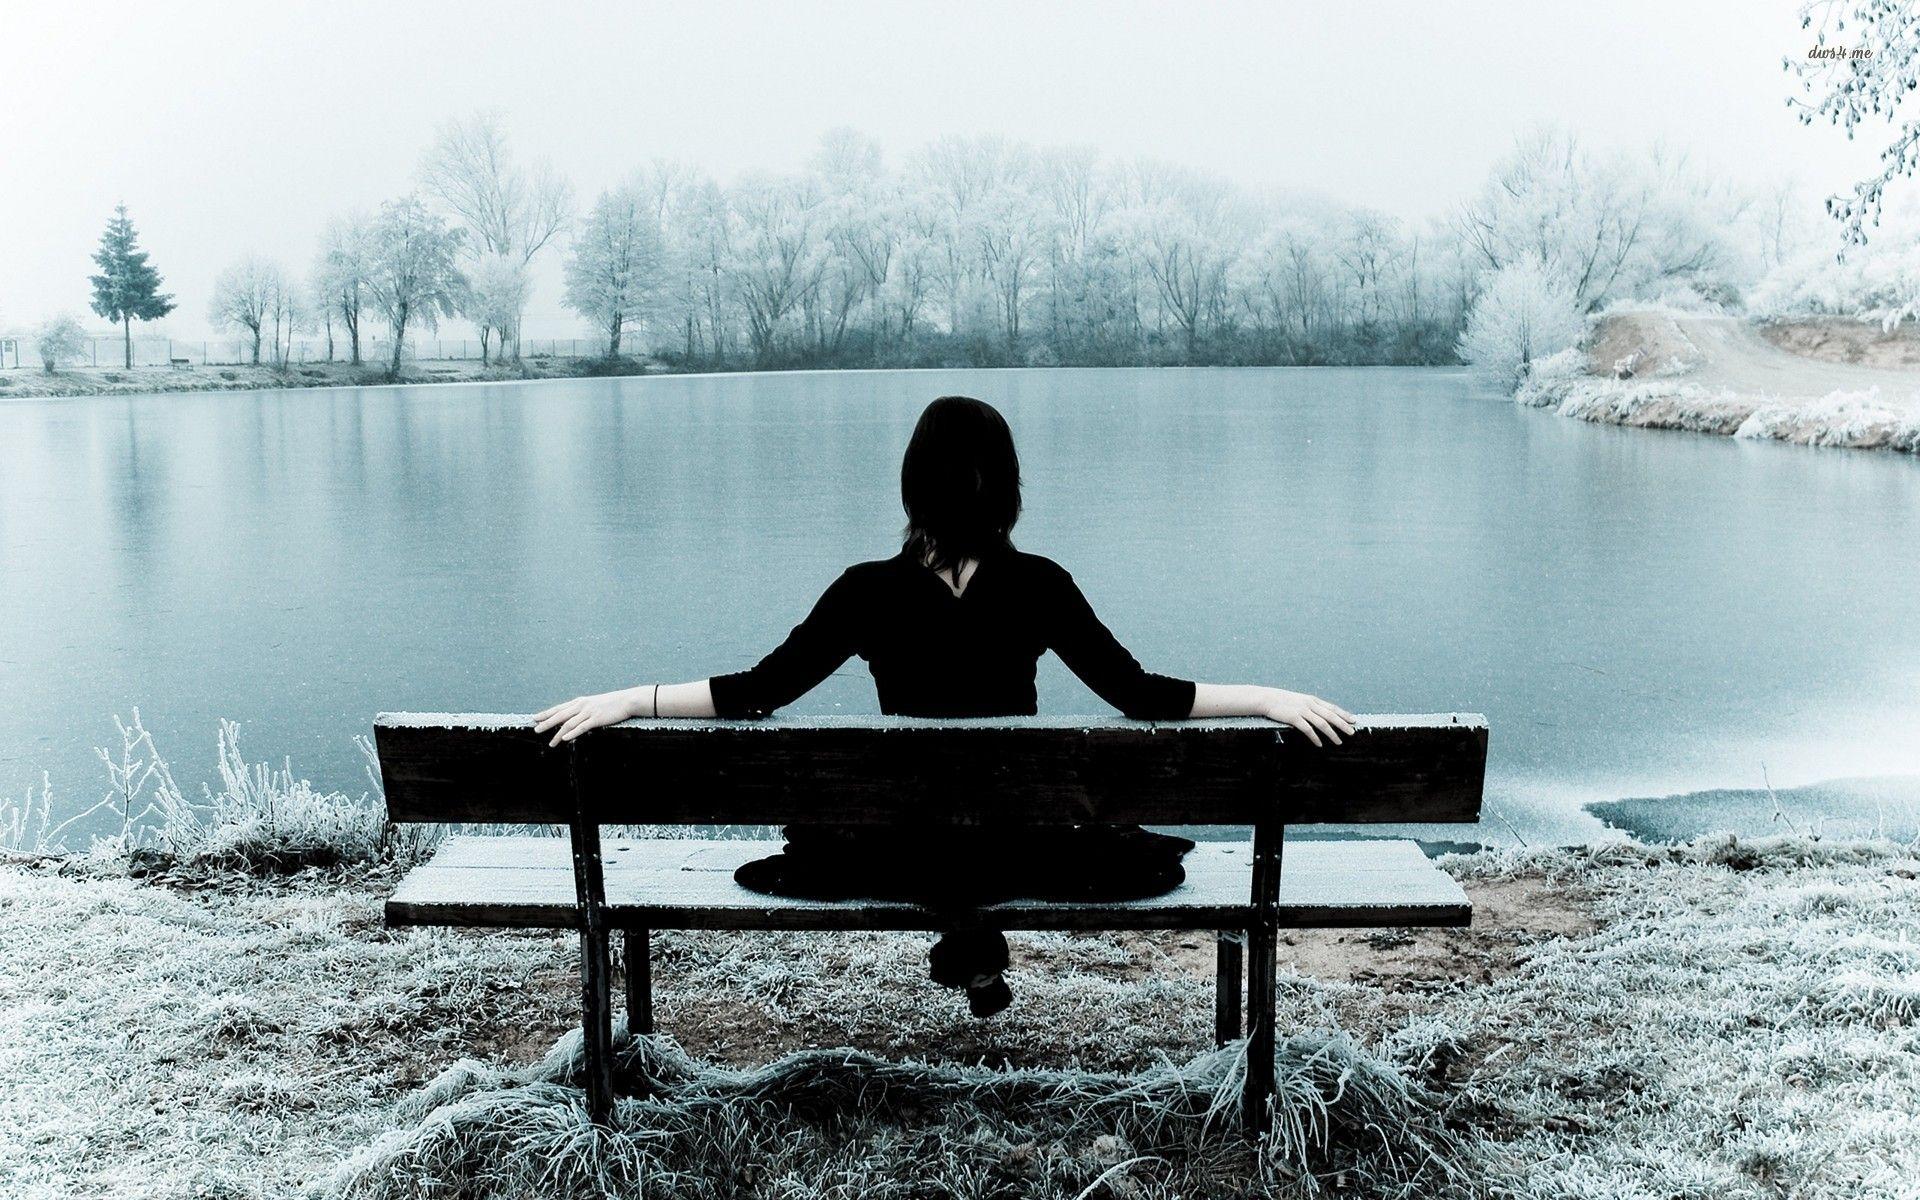 Hình ảnh cô đơn và buồn của cô gái